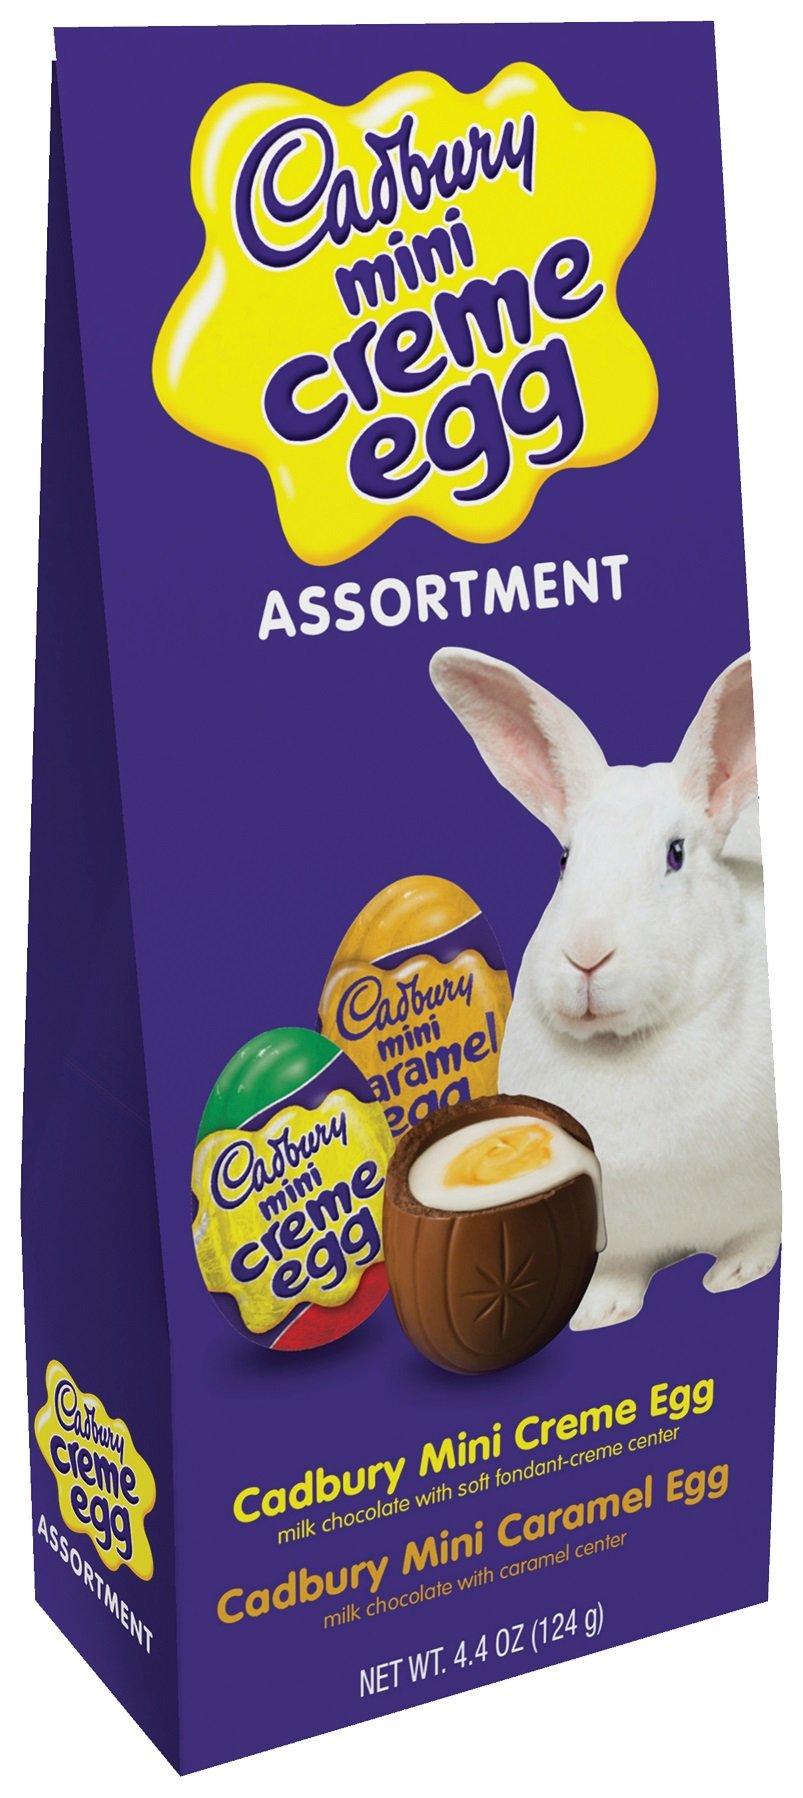 CADBURY Mini Crème Eggs Assortment, 4.4 Ounce (Pack of 24) by Cadbury